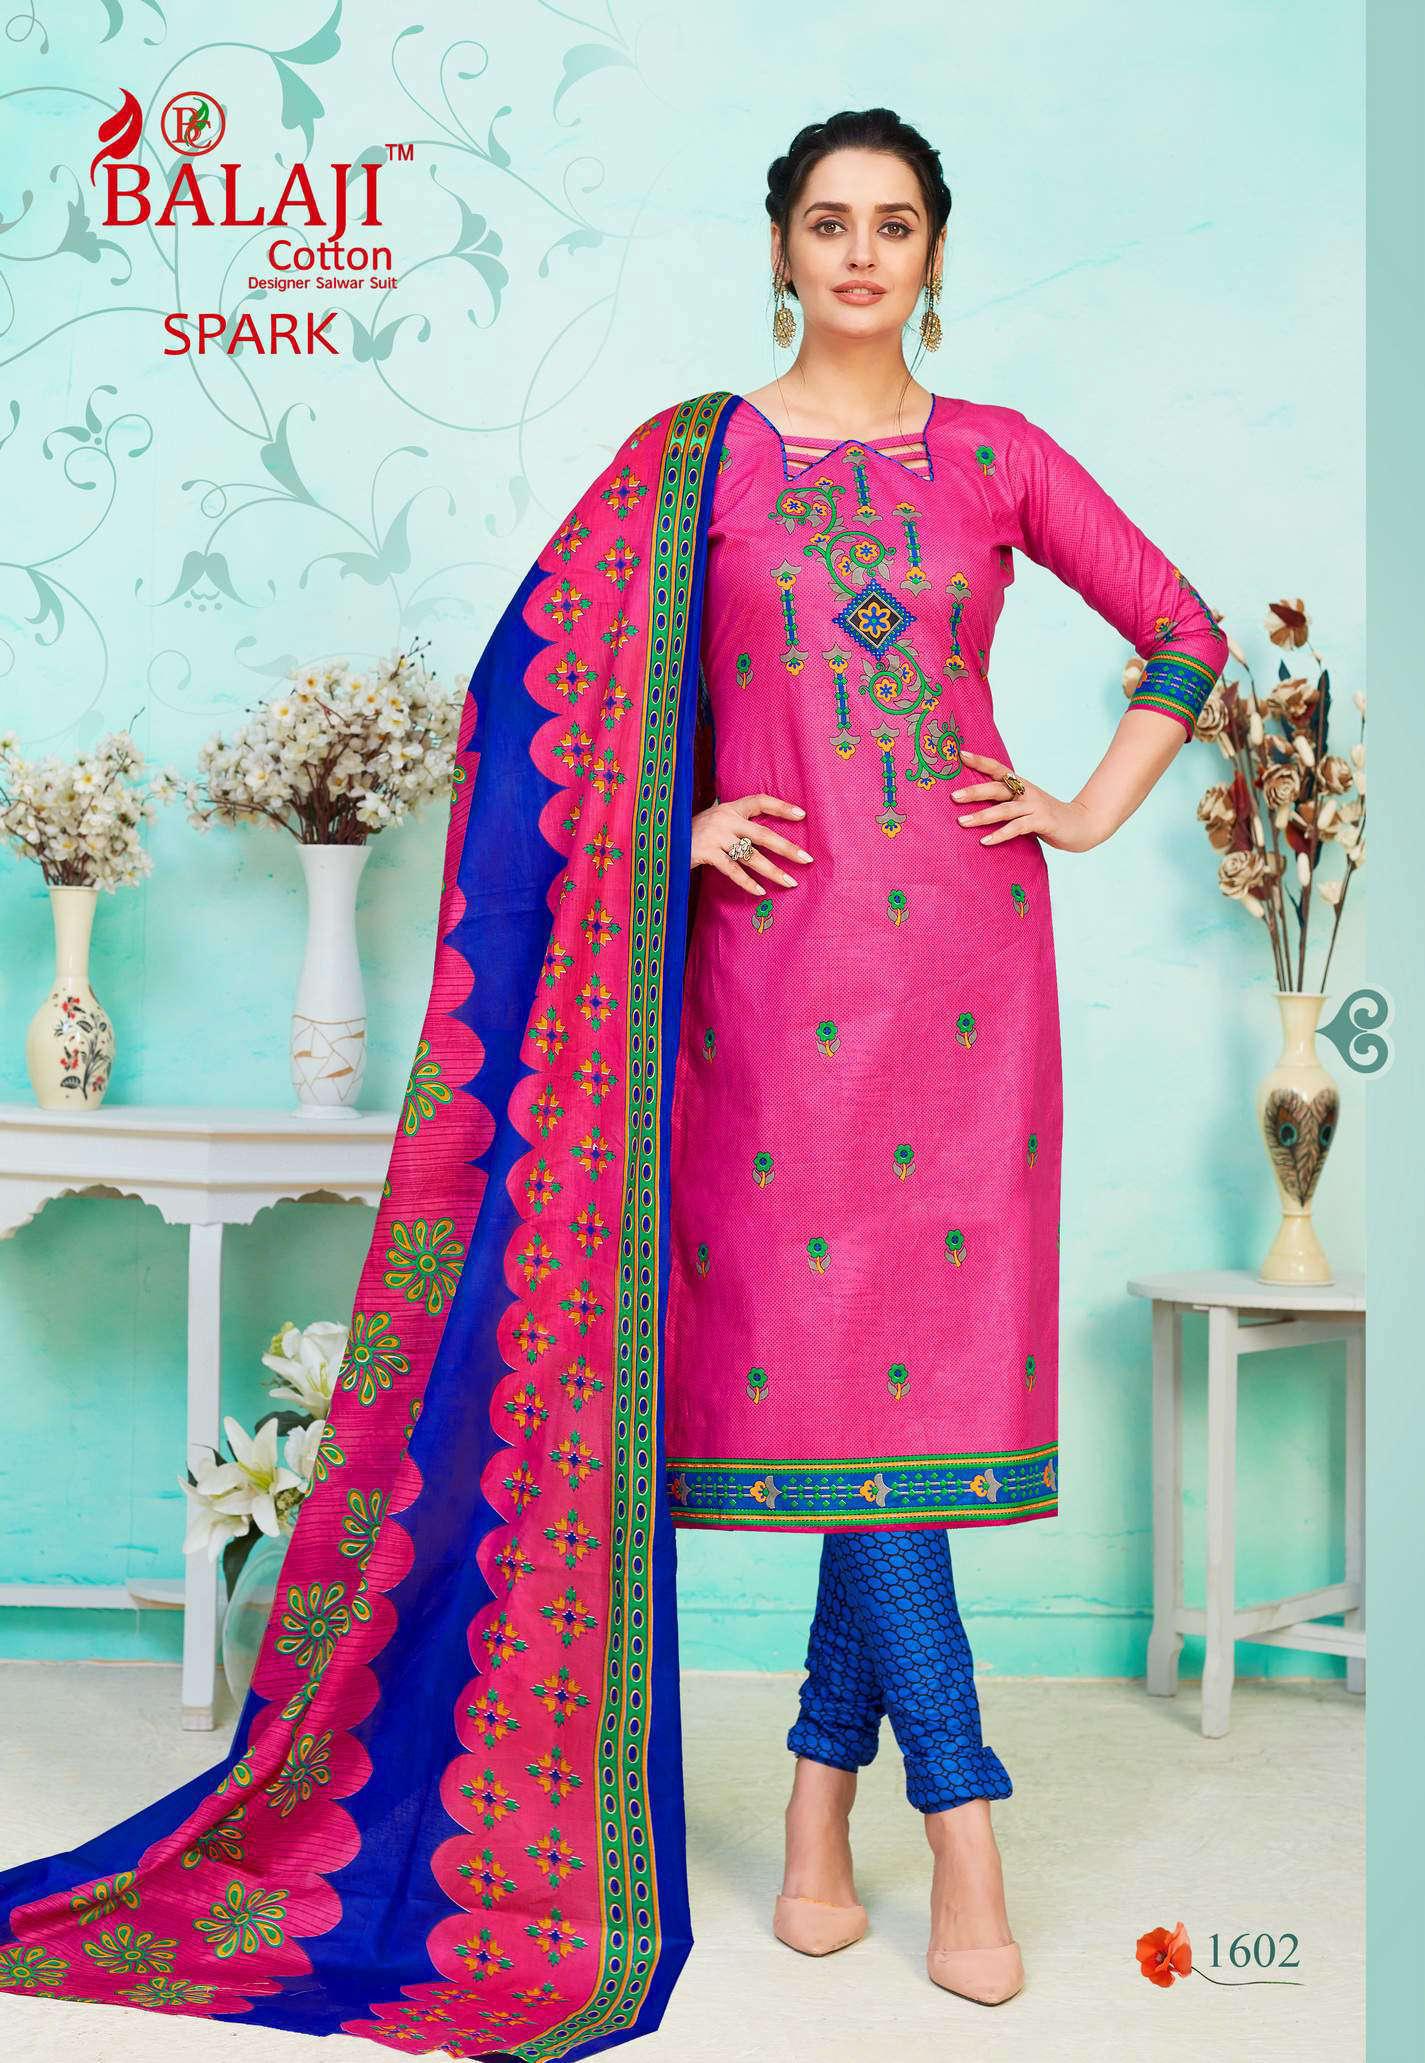 Balaji Cotton Spark Vol 16 Salwar Suit Wholesale Catalog 16 Pcs 2 - Balaji Cotton Spark Vol 16 Salwar Suit Wholesale Catalog 16 Pcs